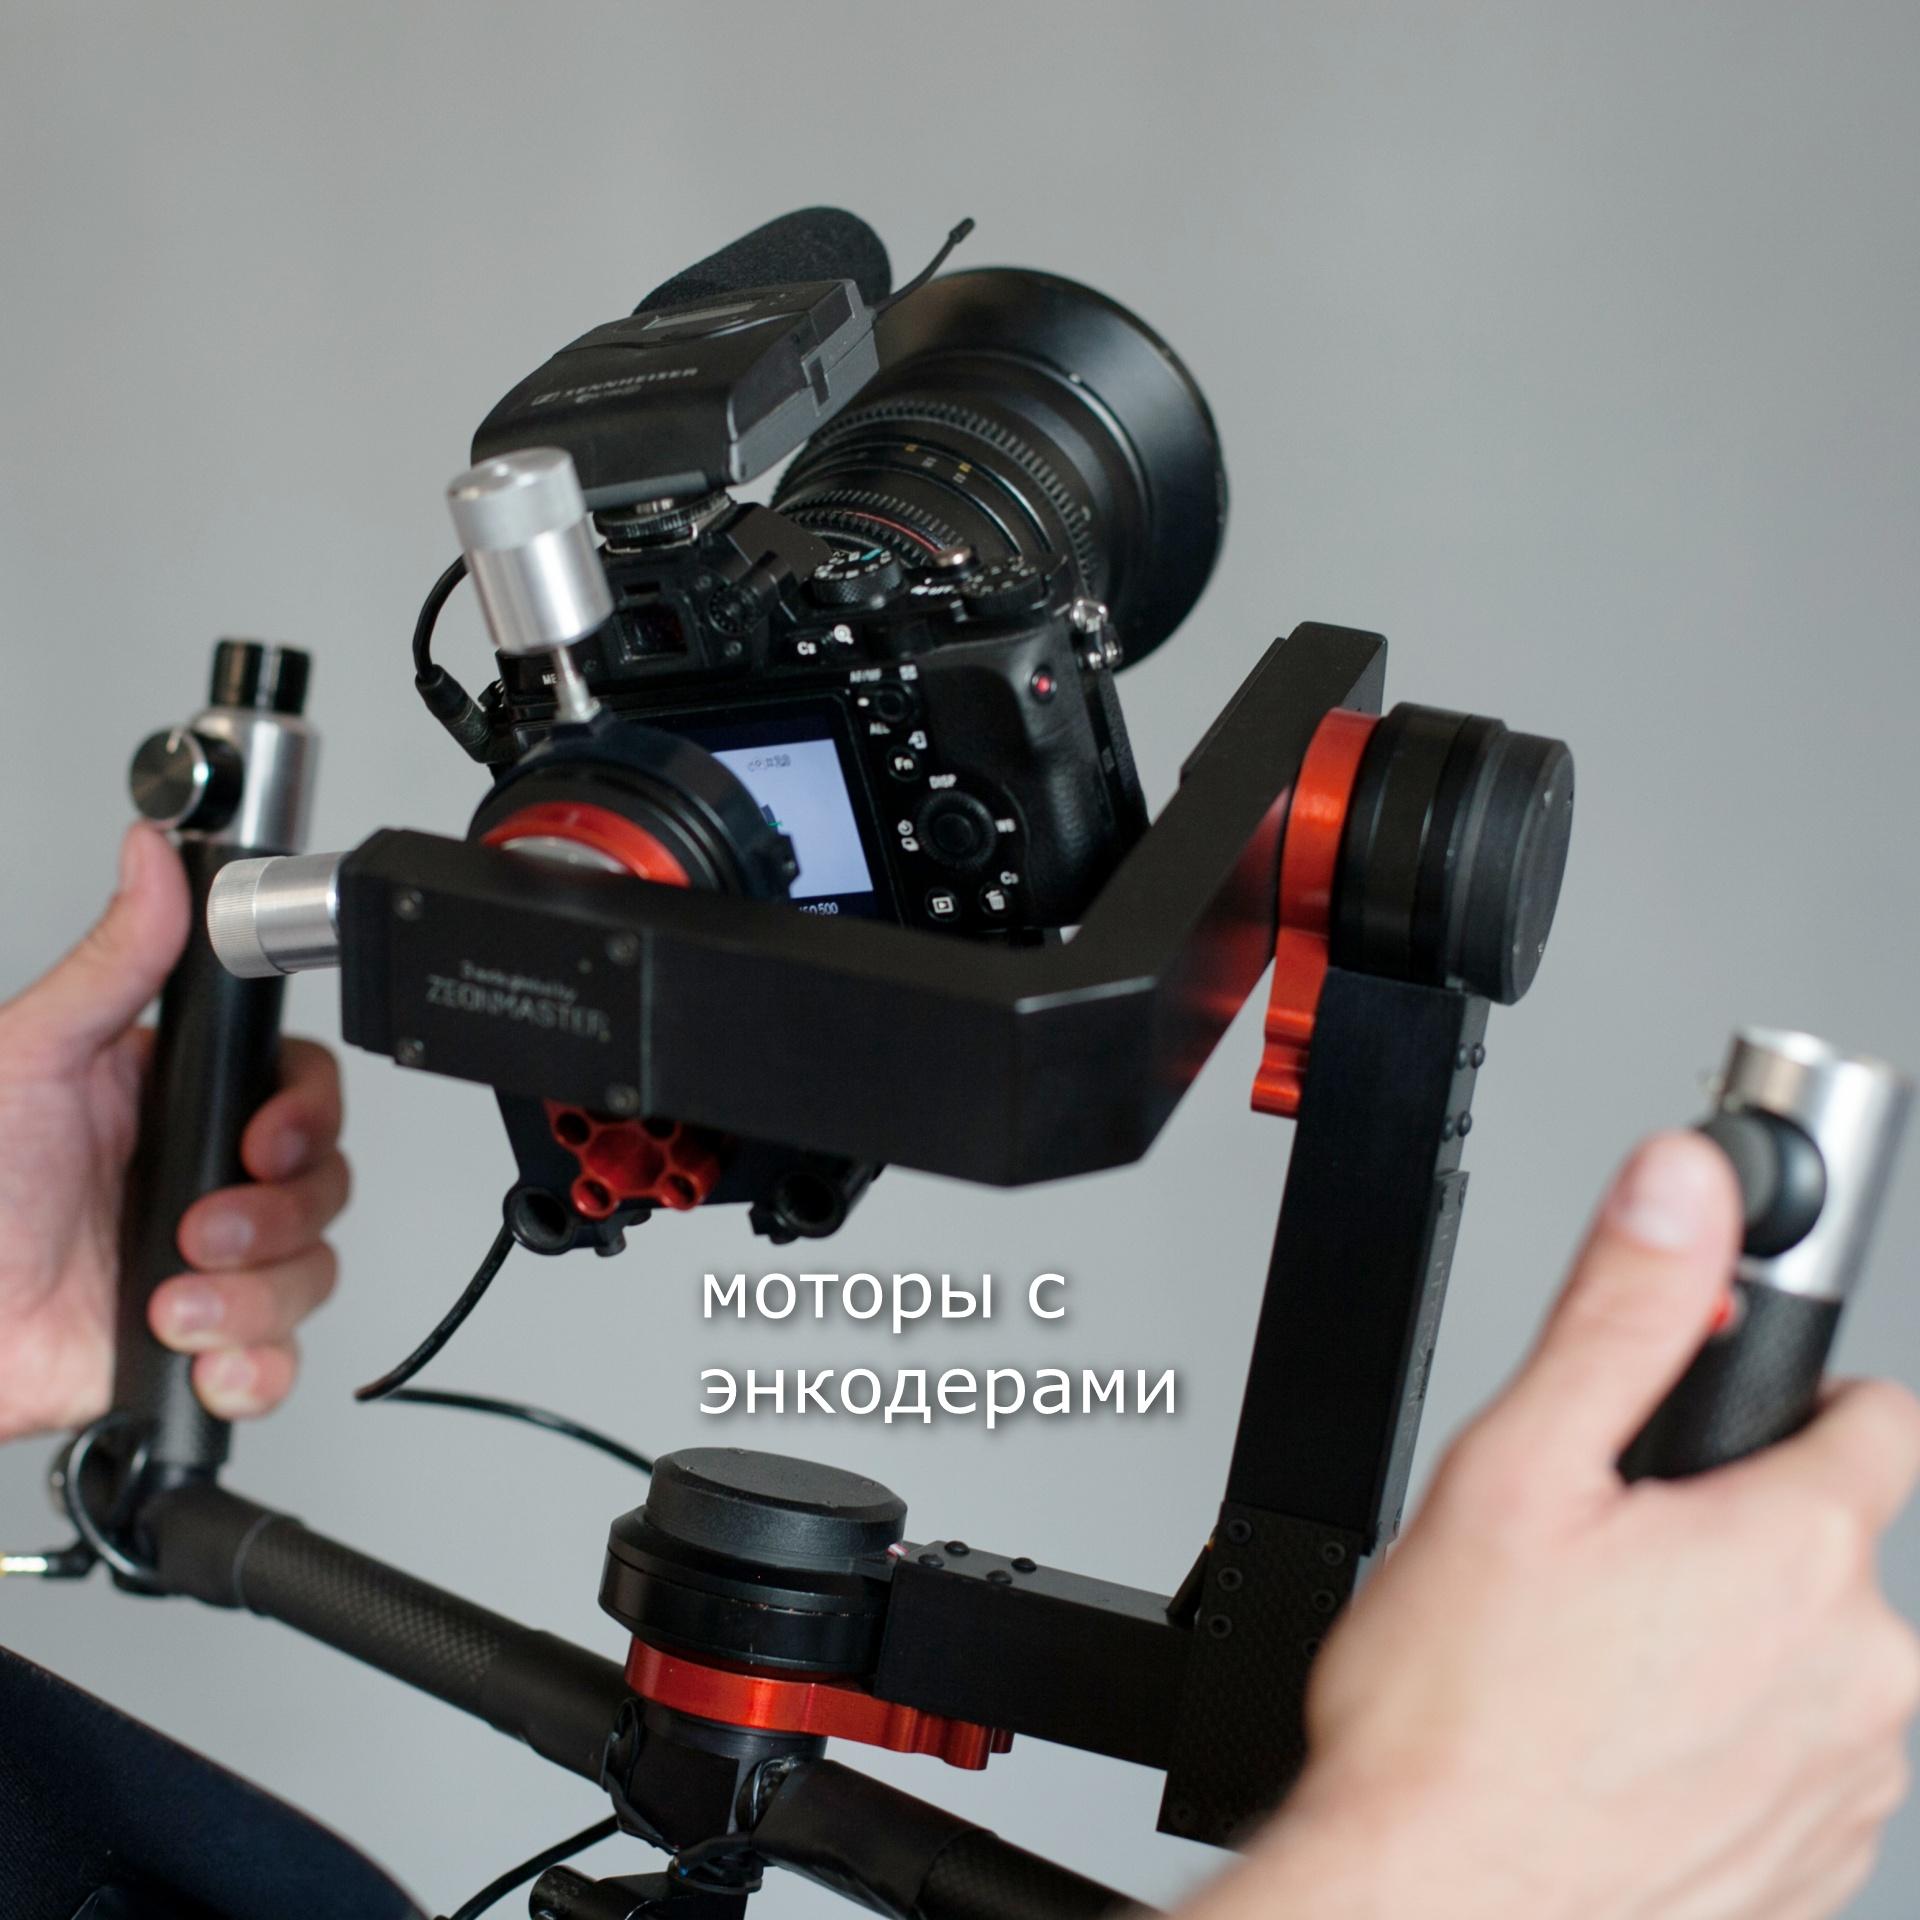 Аренда видео оборудования 6